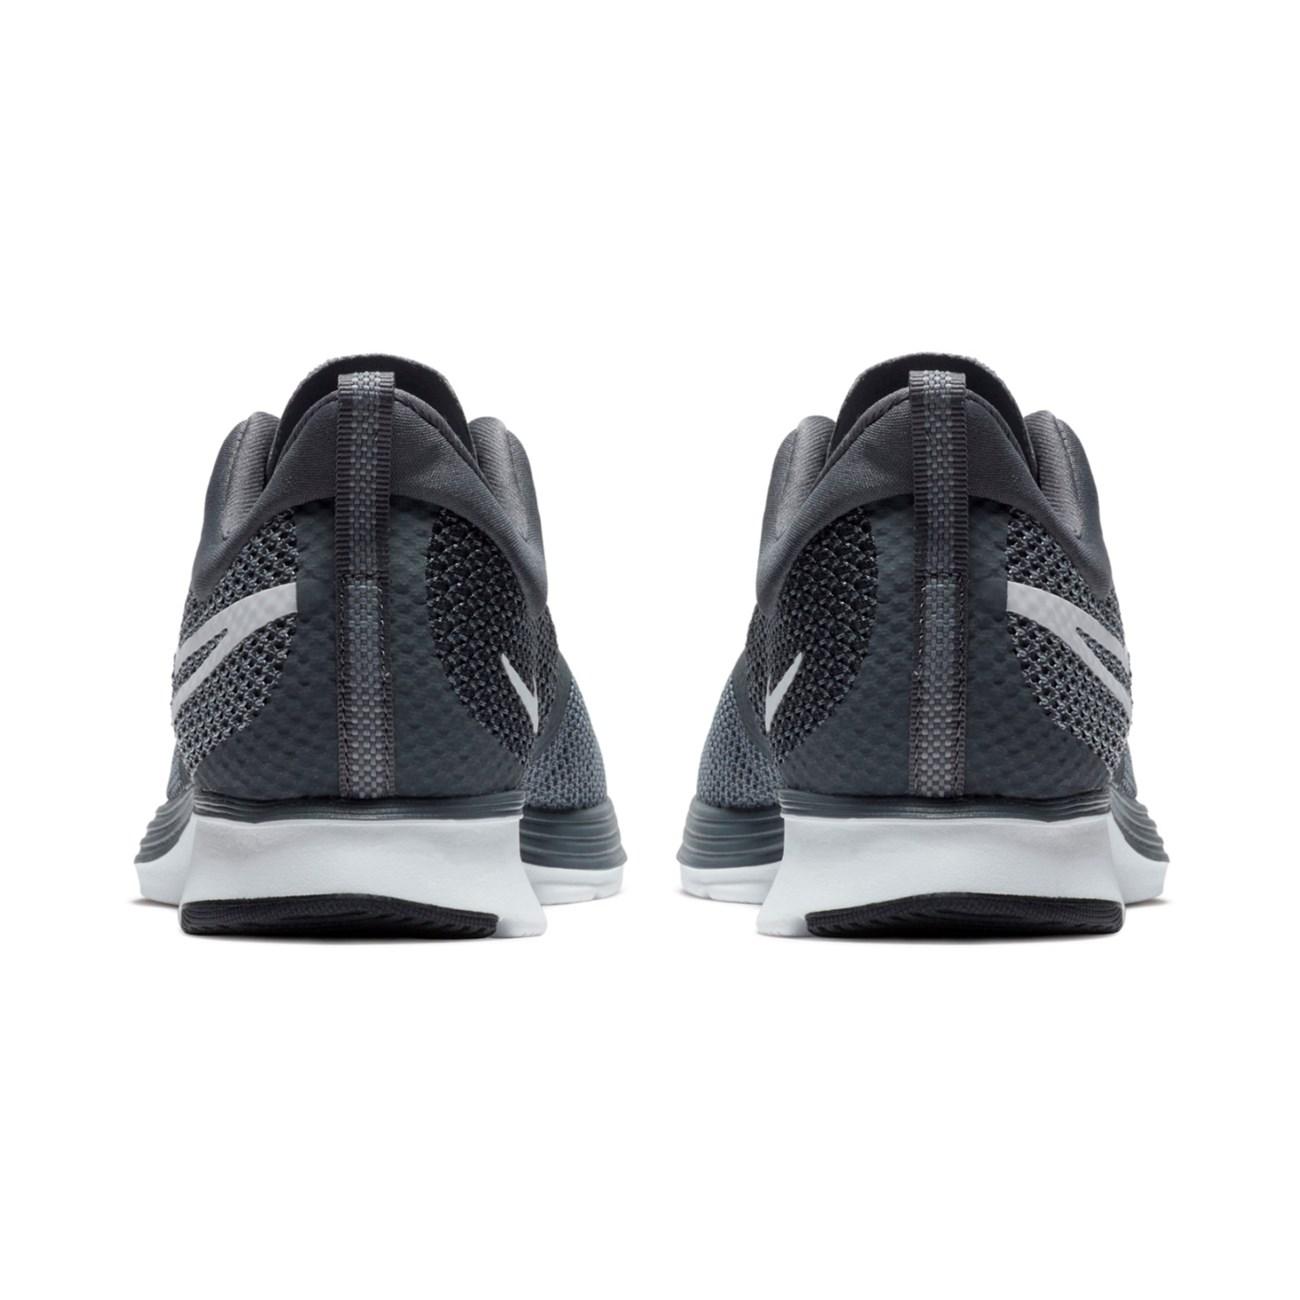 19f9a0e4afe NIKE ZOOM STRIKE W < Παπούτσια για Τρέξιμο   INTERSPORT